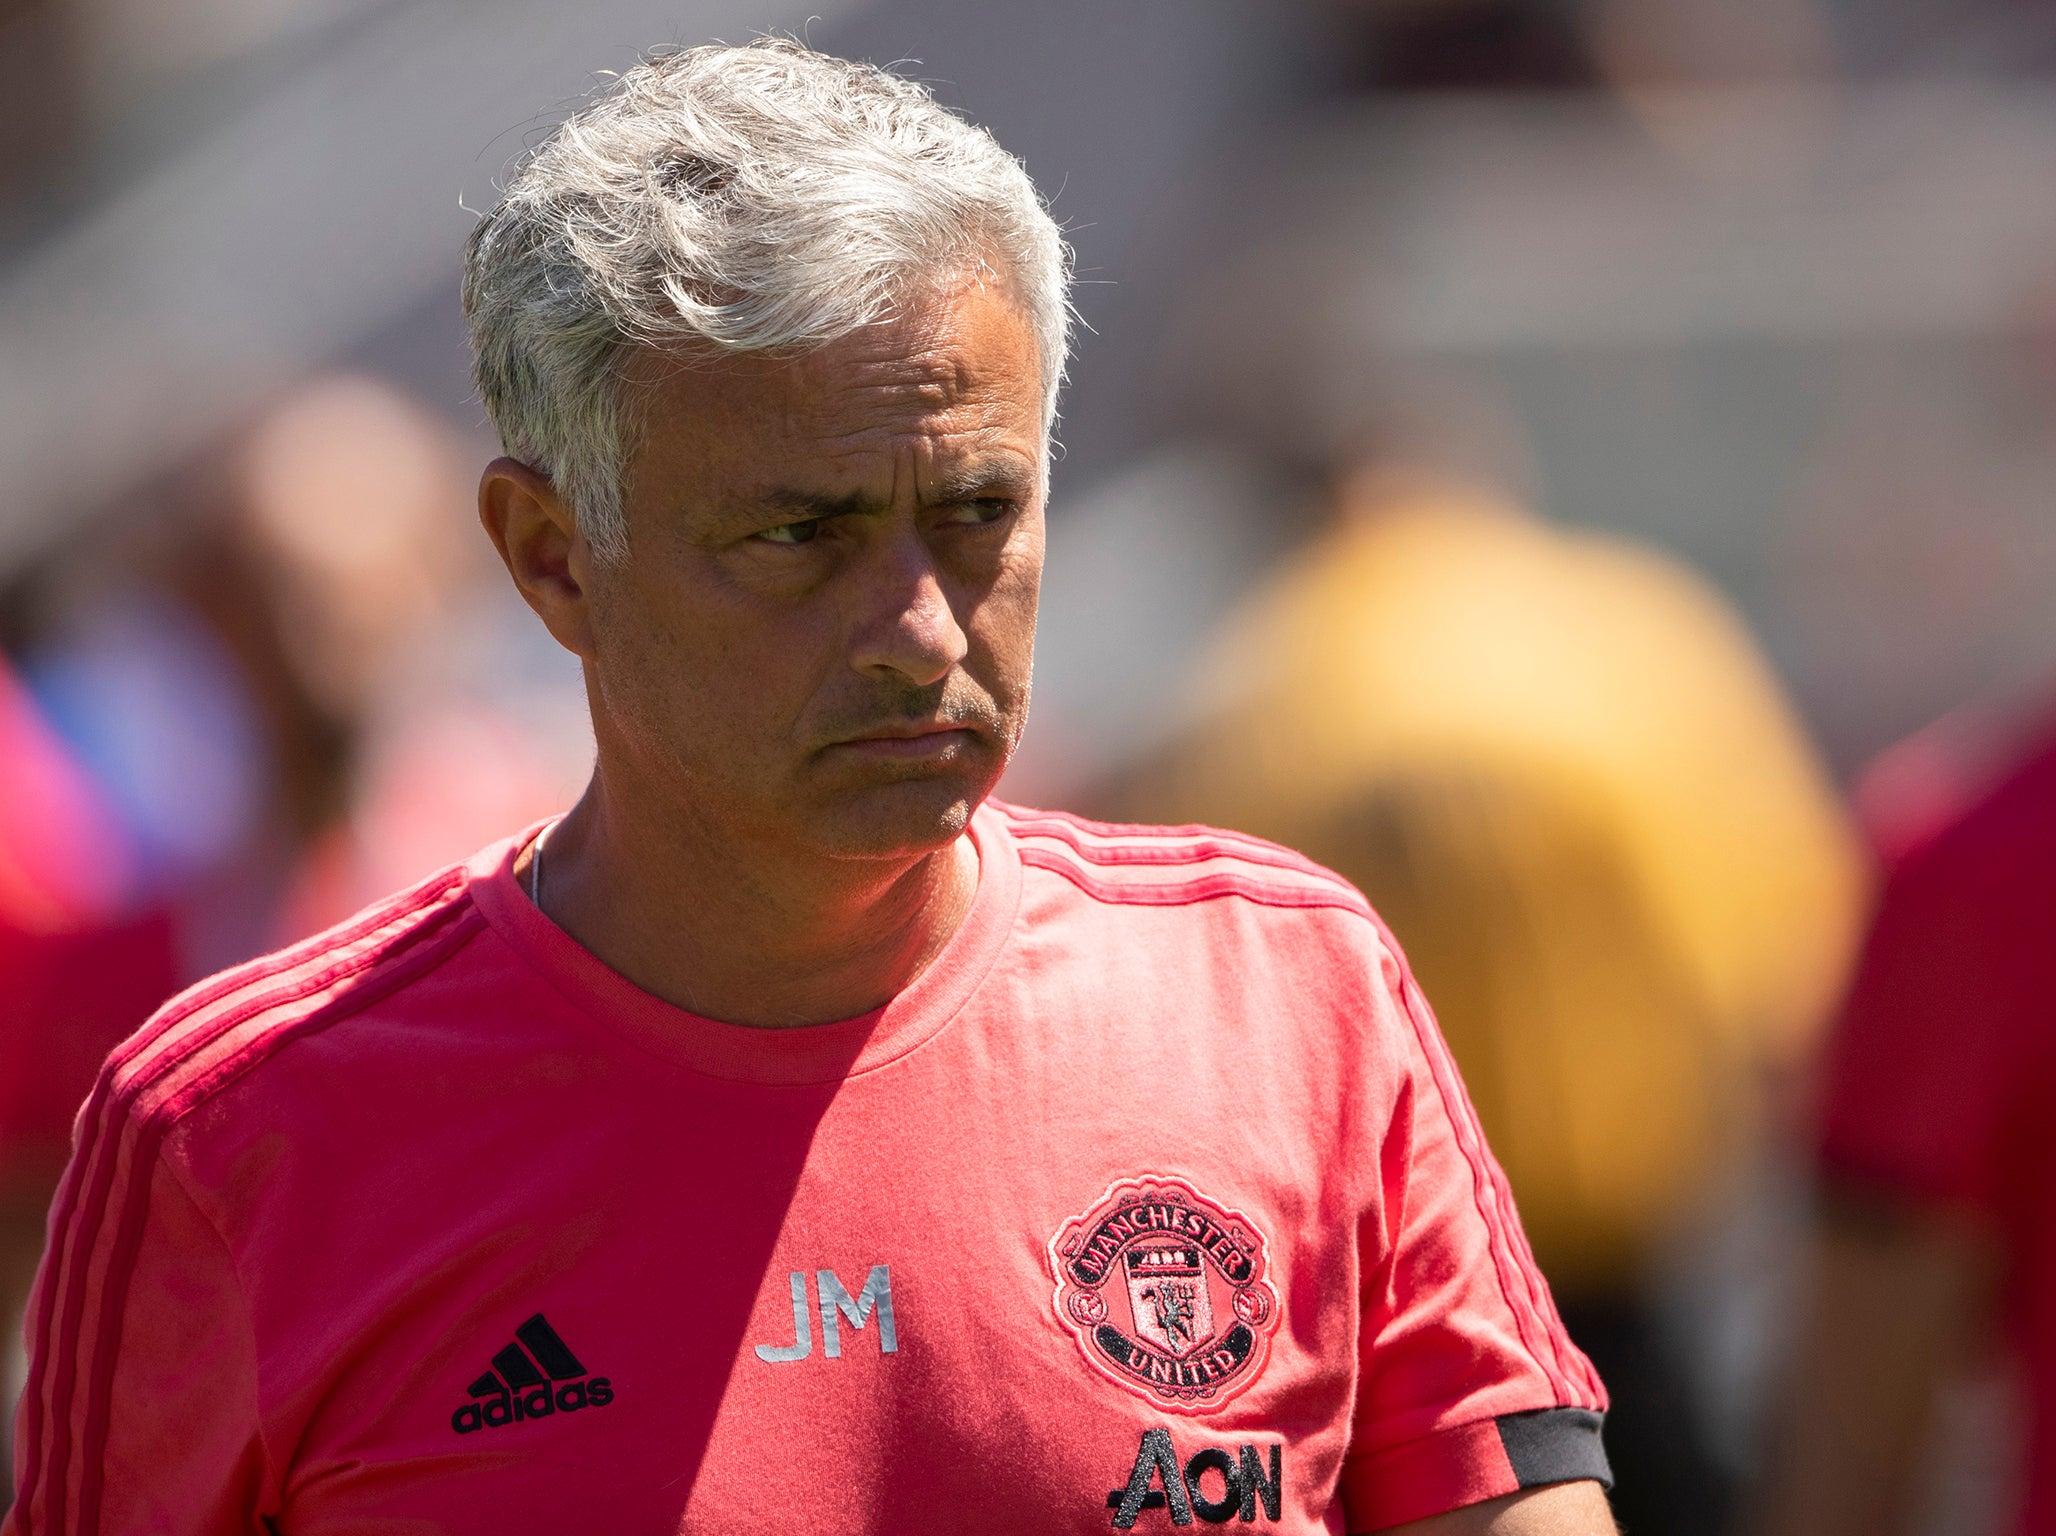 La historia amenaza con repetirse, ya que José Mourinho una vez más se encuentra con más preguntas que respuestas